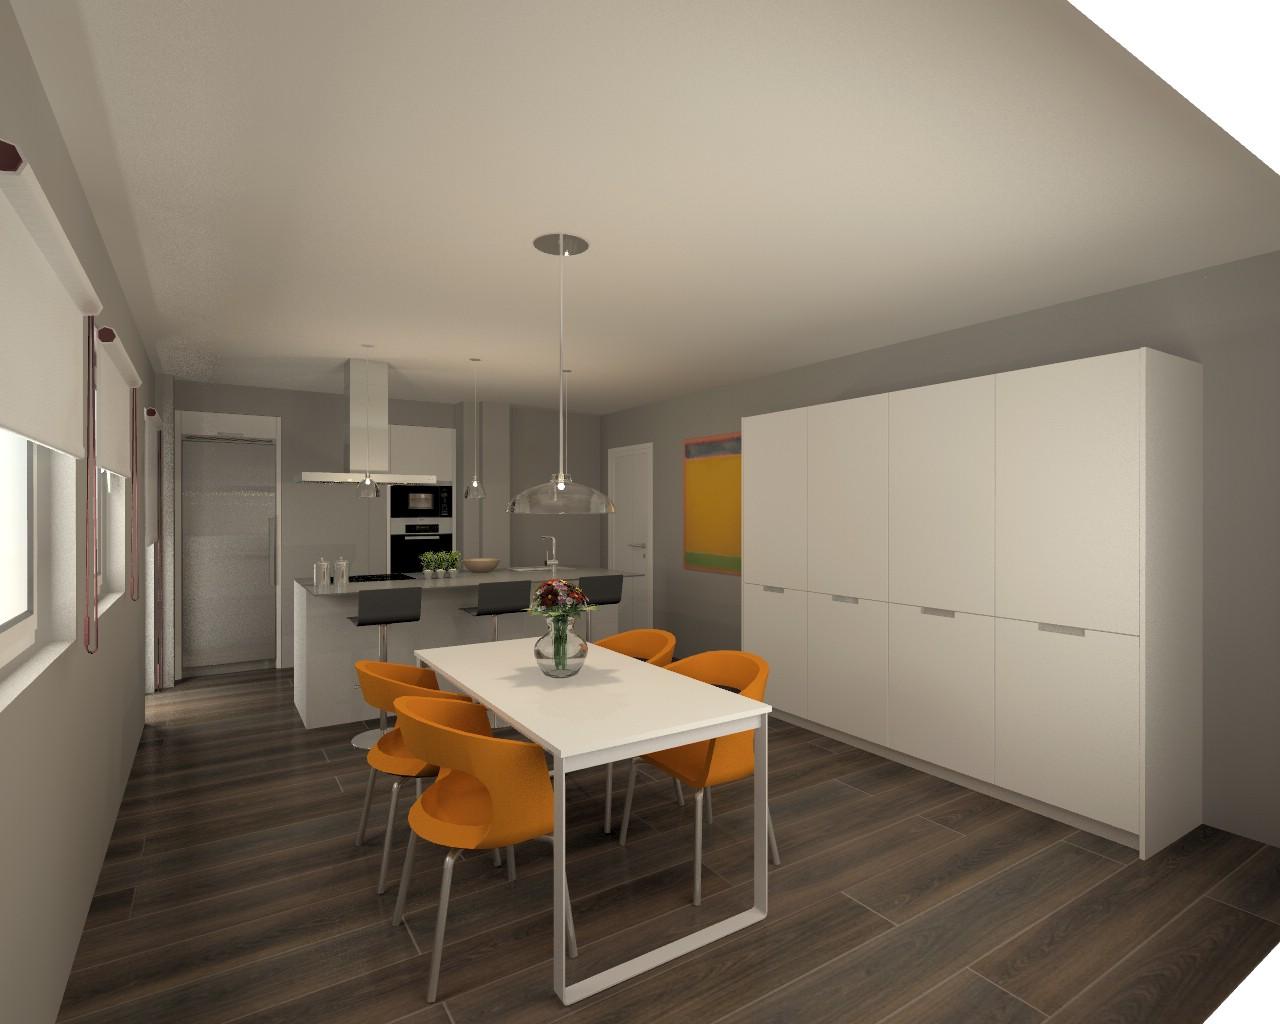 Proyecto cocina santos modelo line e con encimera neolith for Proyecto cocina